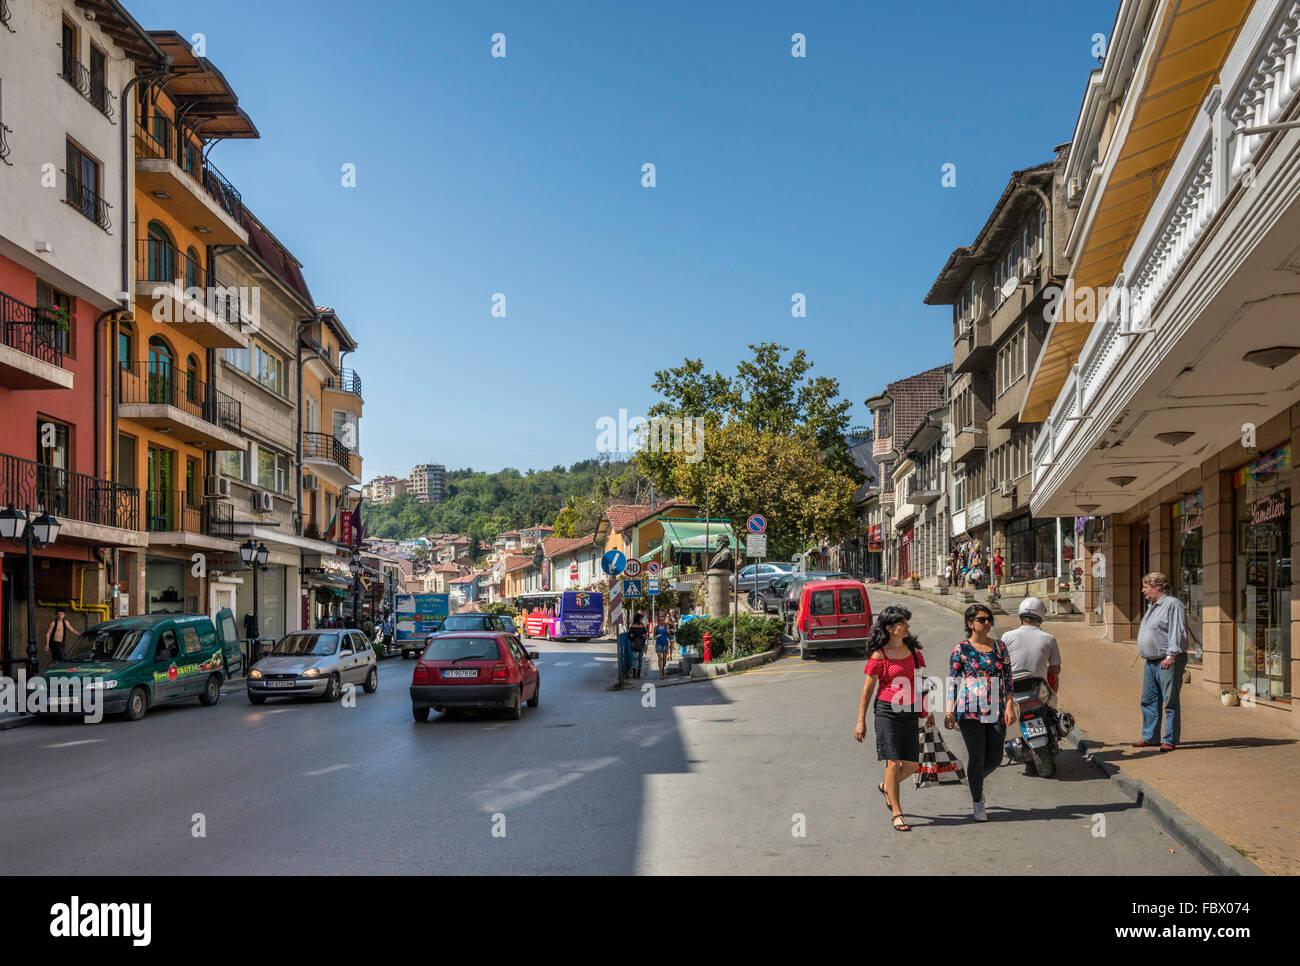 Stefan Stambolov Street in Veliko Tarnovo, Bulgaria Stock Photo